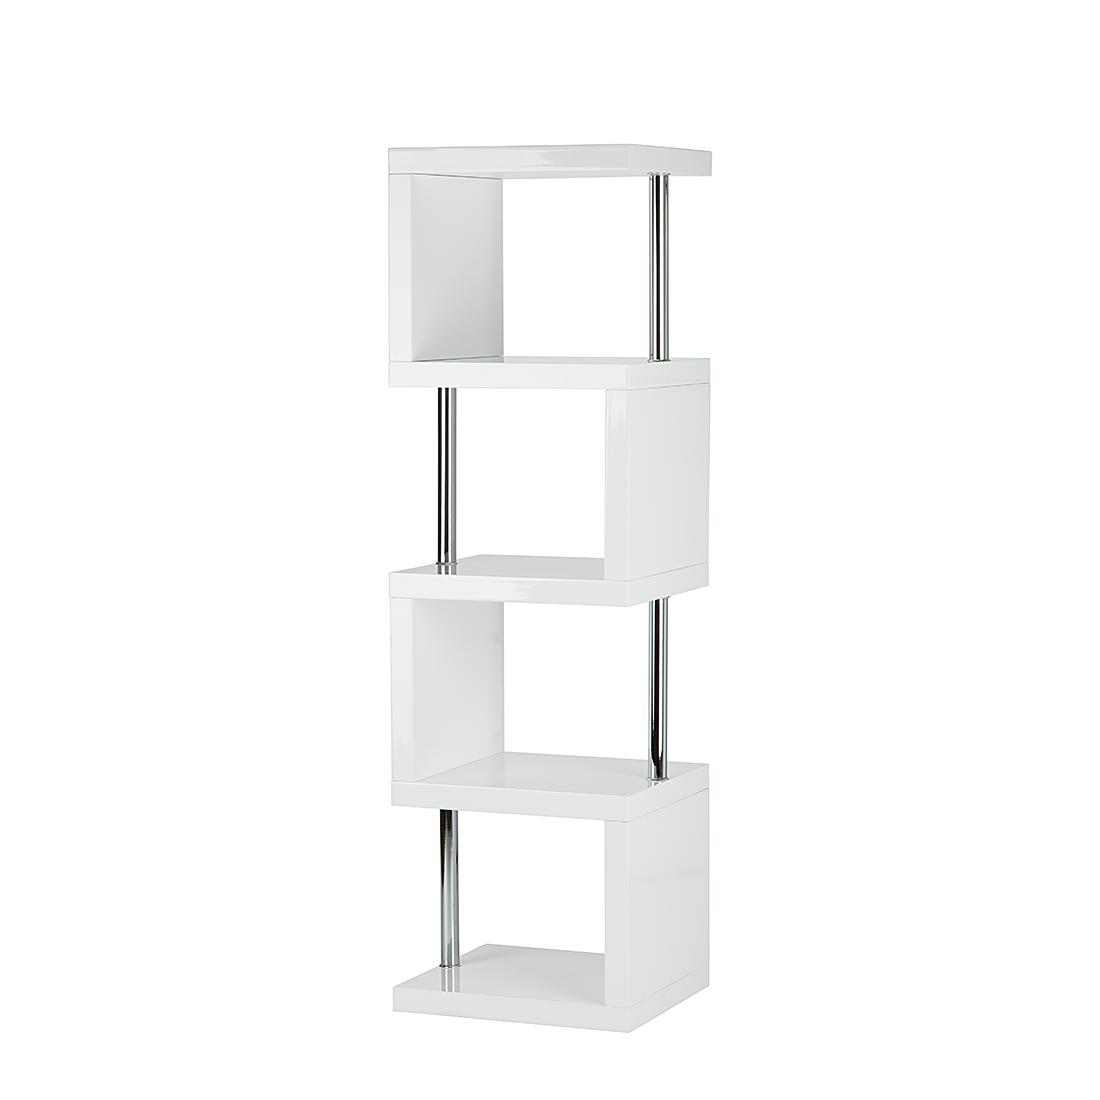 Bücherregal weiß schmal  Bücherregal Mit Türen Weiß: Treppenregal weiß regal kinderregal ...